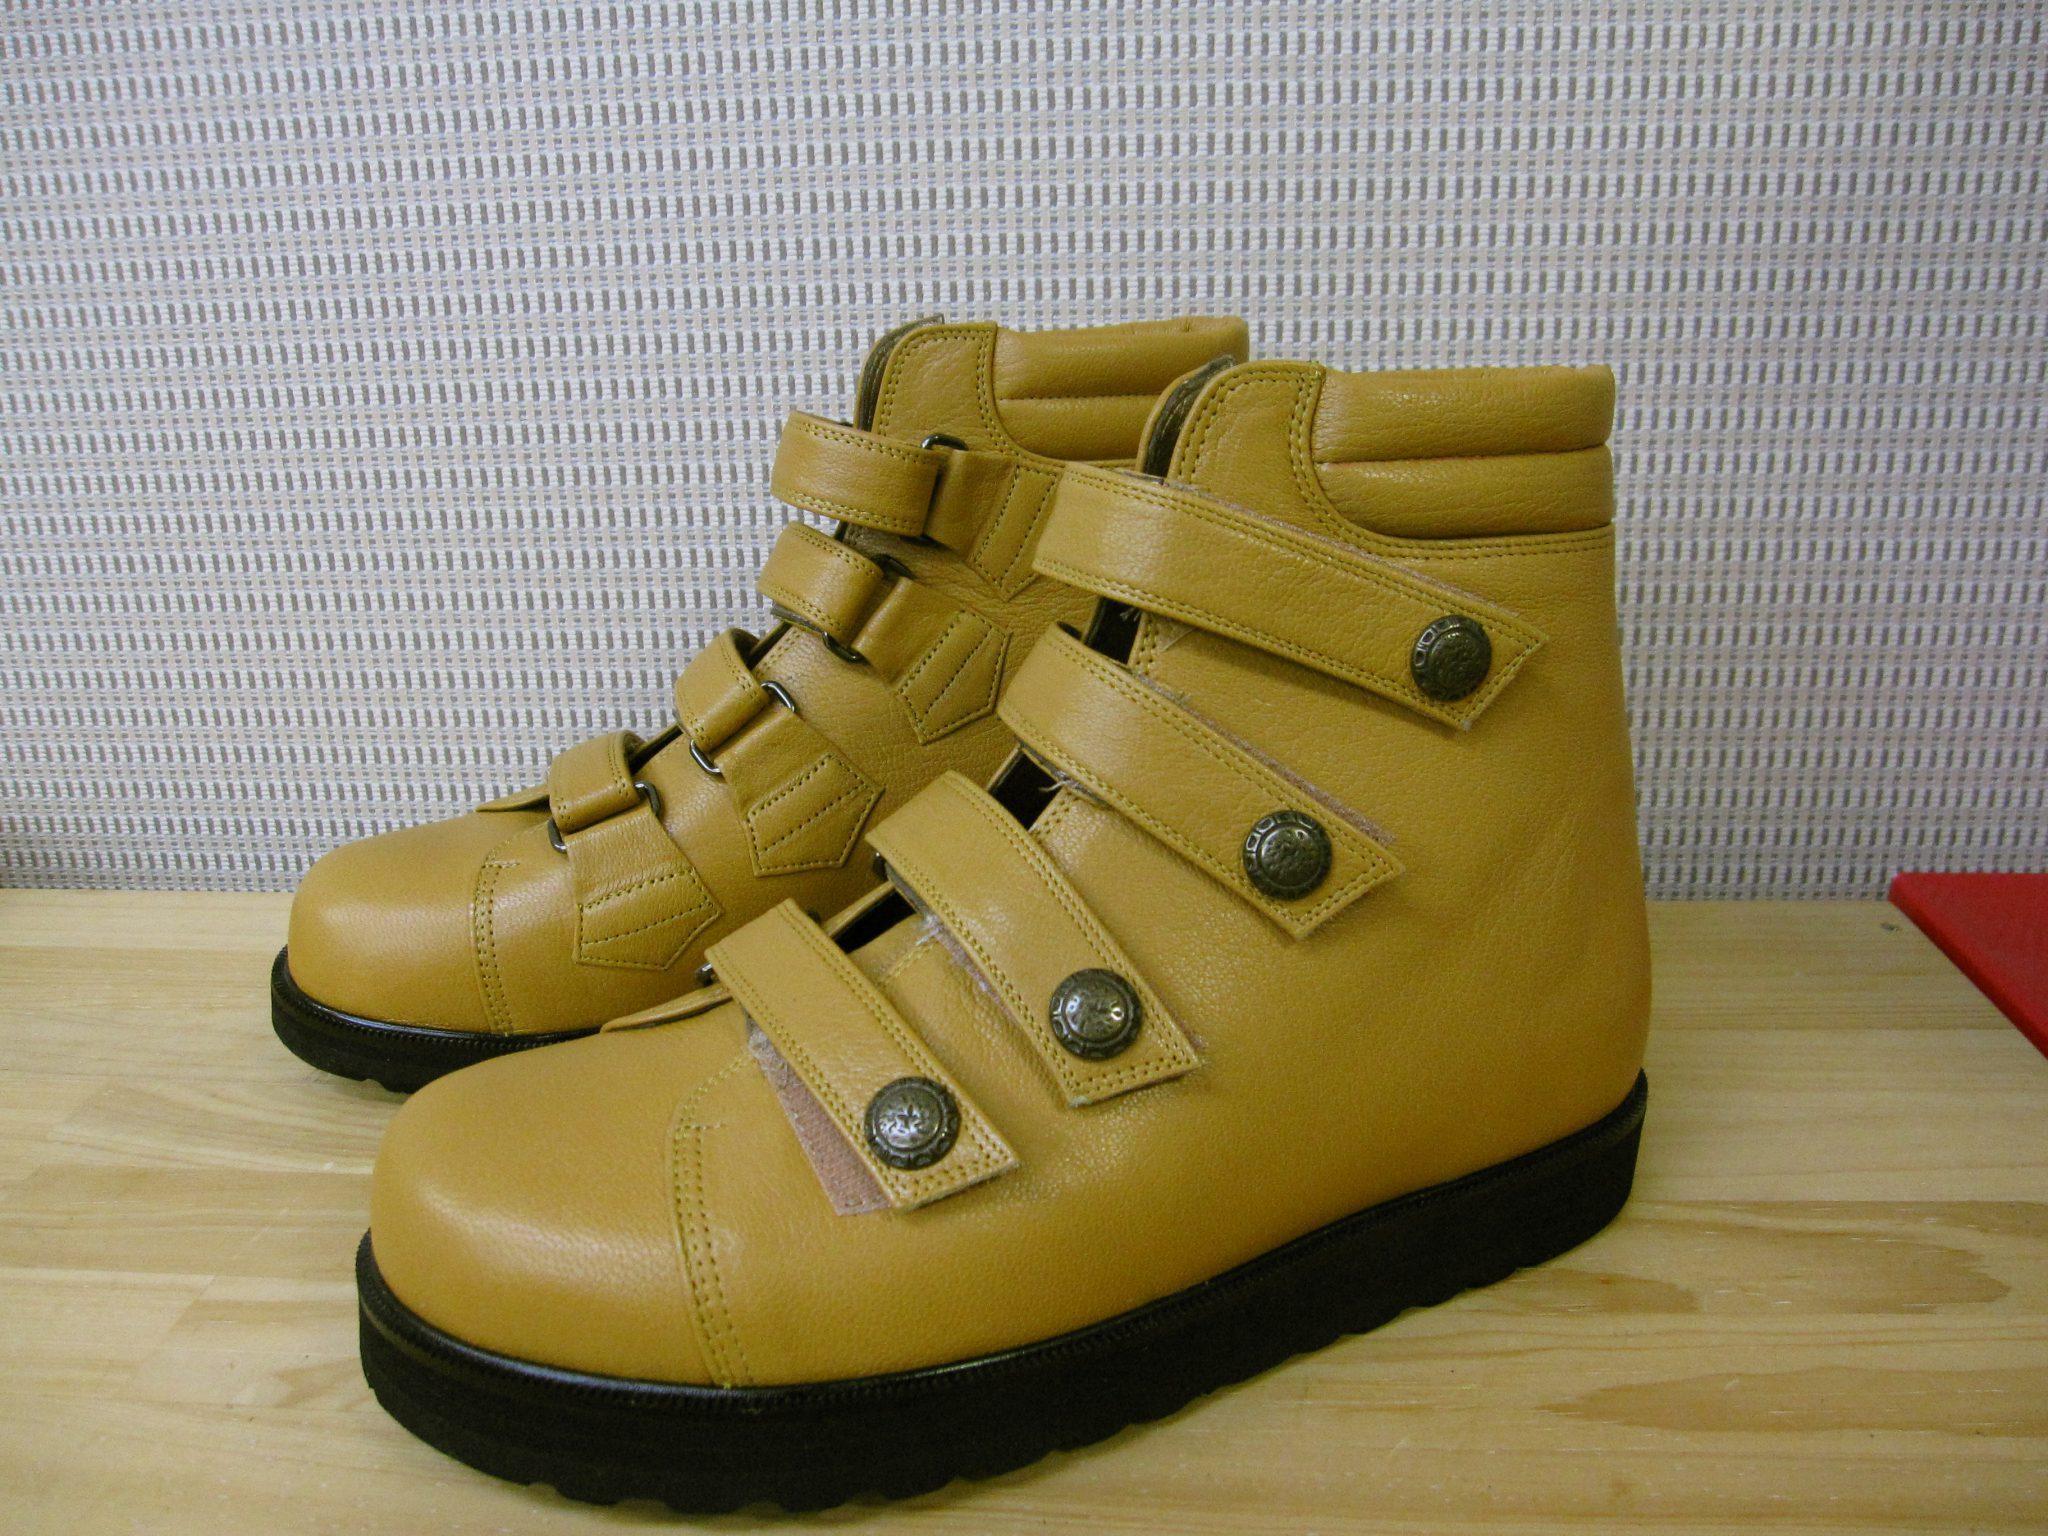 脳血管障害・脳梗塞の後遺症で、お悩みの方の足にやさしい靴・オーダーメイドシューズ